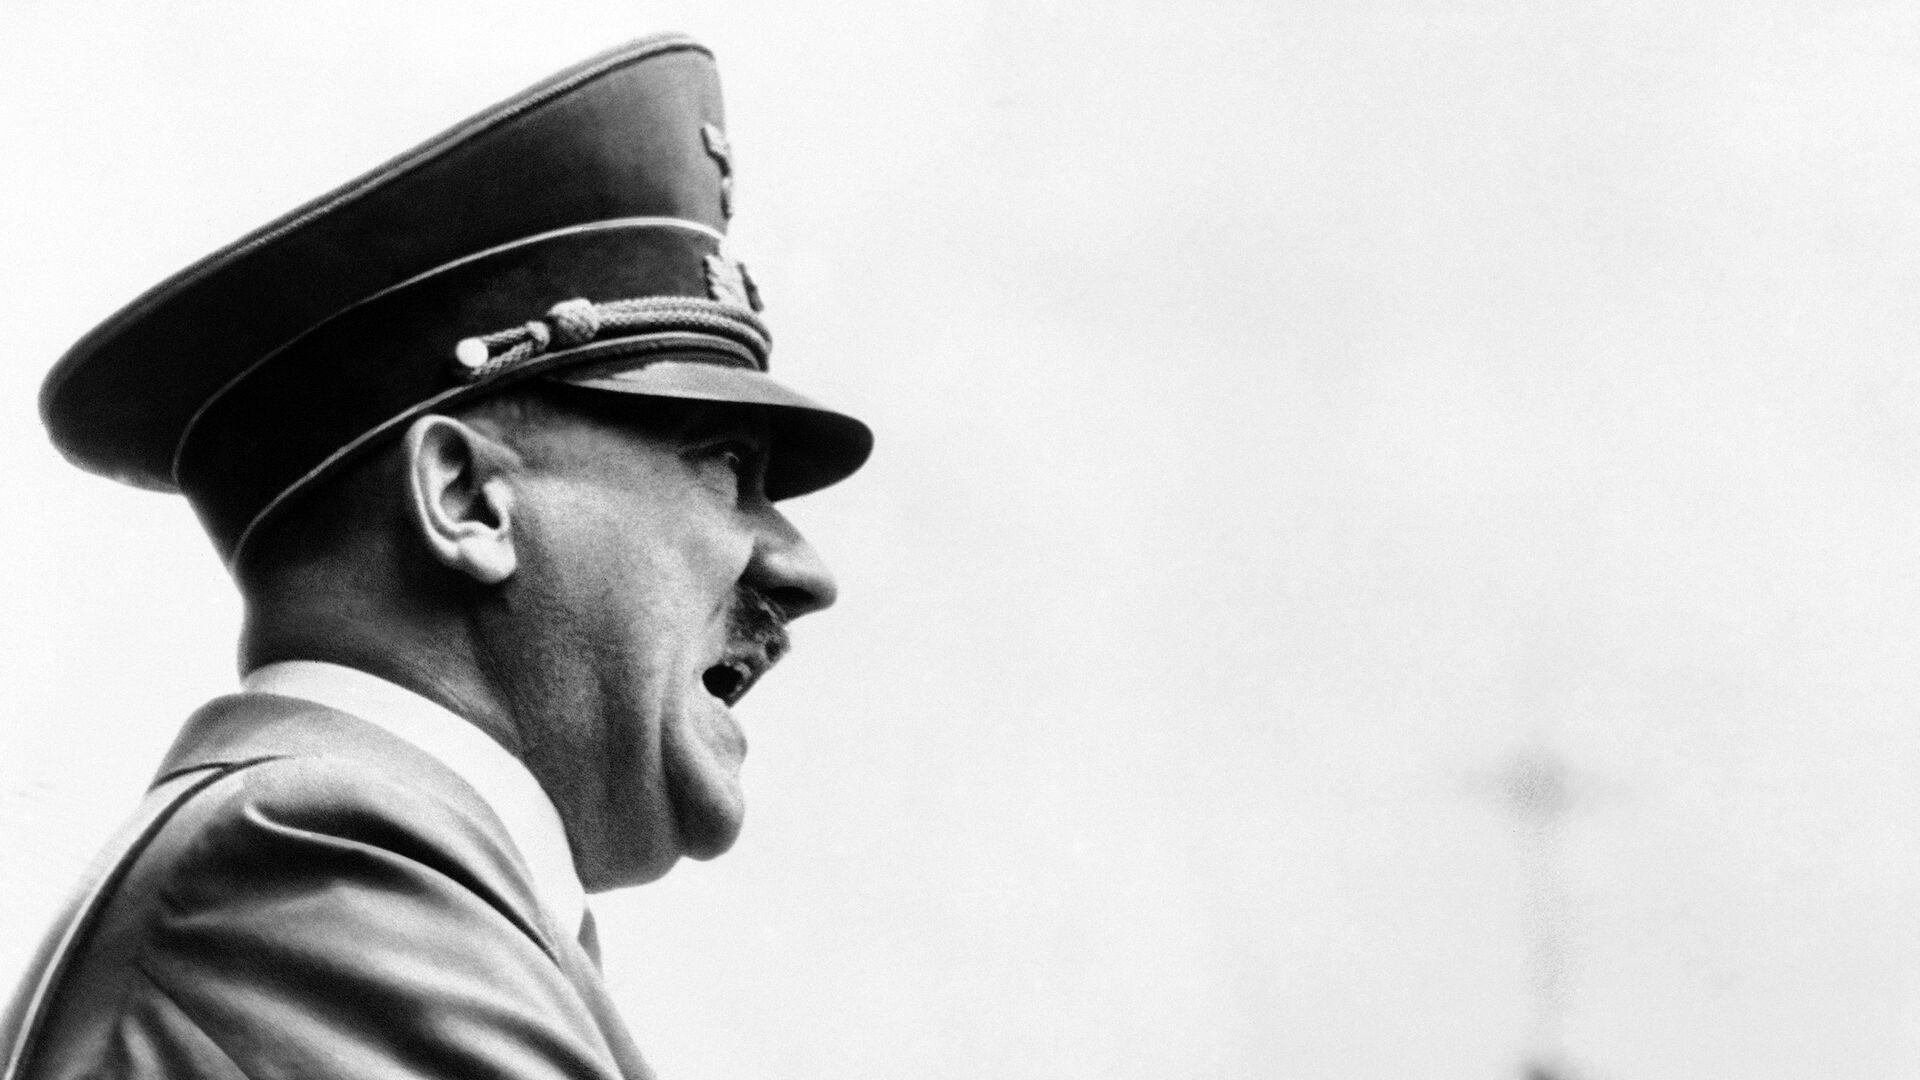 Адольф Гитлер. 1 мая 1938 года - РИА Новости, 1920, 17.12.2020